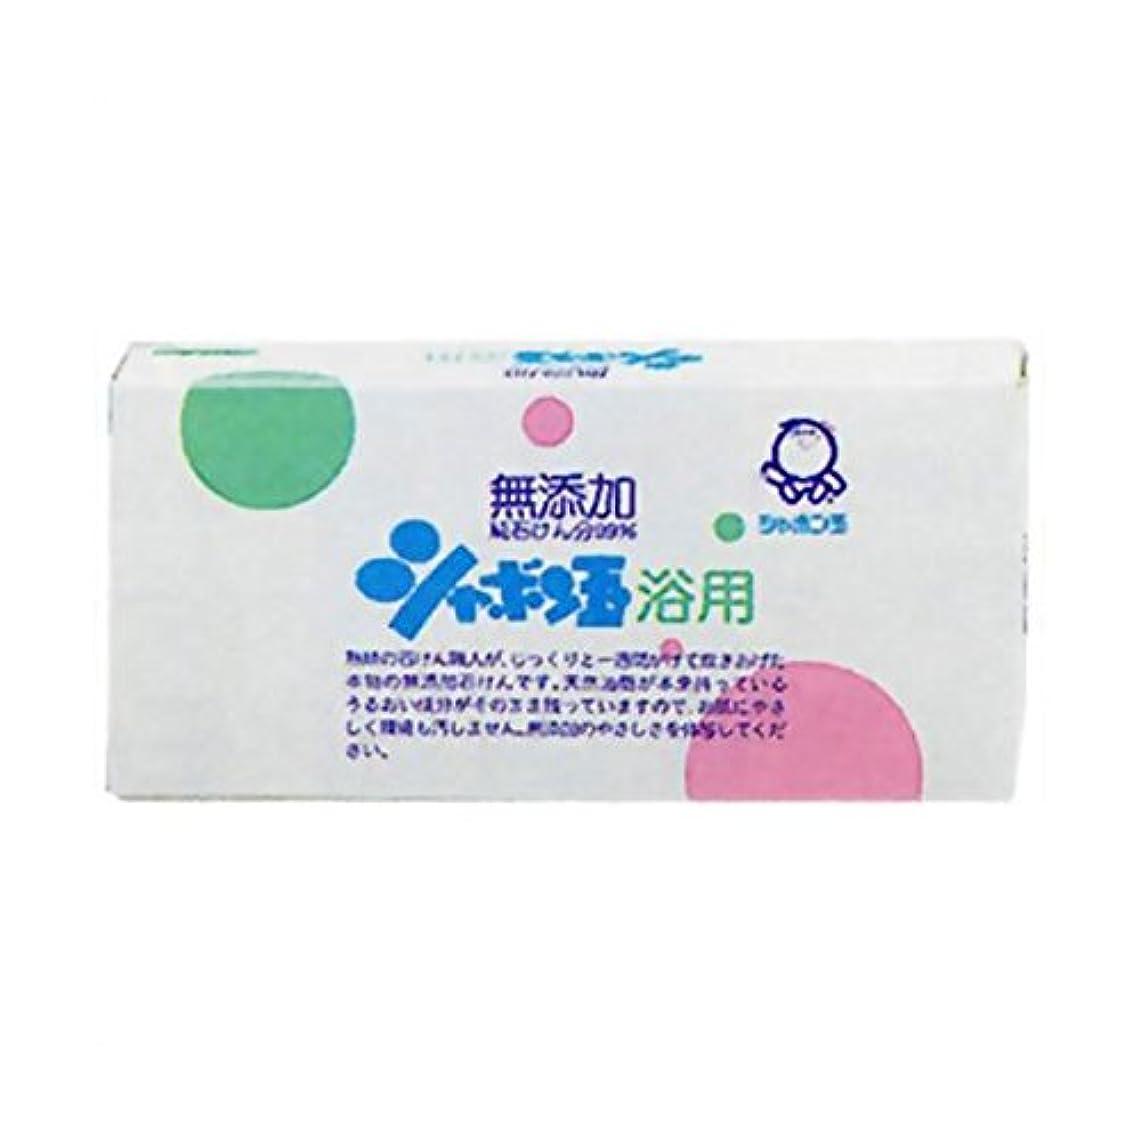 タイト歌手今日【お徳用 15 セット】 シャボン玉 浴用 石けん 100g×3個入(無添加石鹸)×15セット